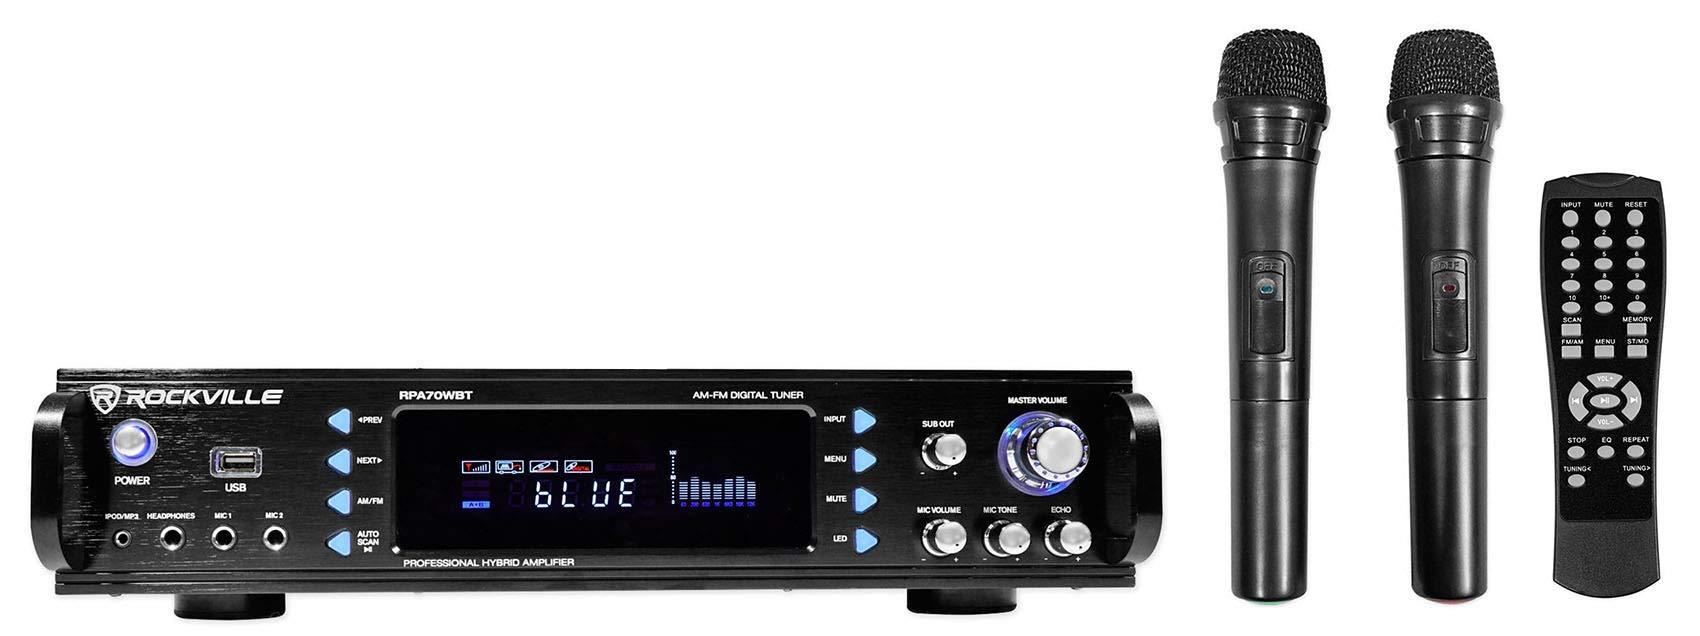 Rockville RPA70WBT 1000w 2-Ch USB Bluetooth Pro/Karaoke Amplifier/Mixer+(2) Mics, Black ( by Rockville